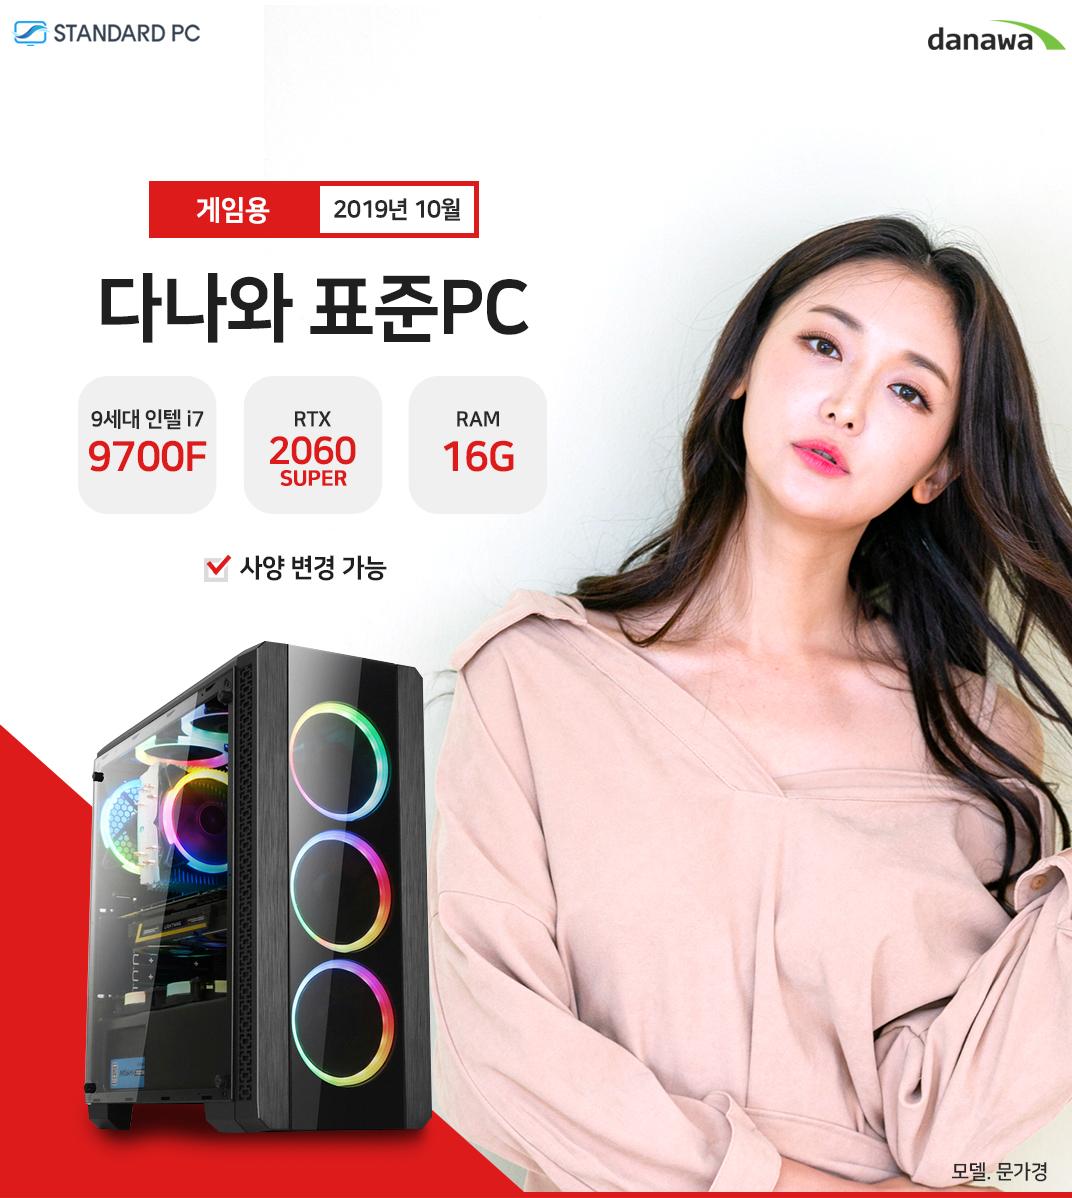 2019년 10월 다나와 표준PC 게이밍용  인텔 코어 i7-9세대 9700K RTX2060 SUPER RAM 16G 모델 문가경